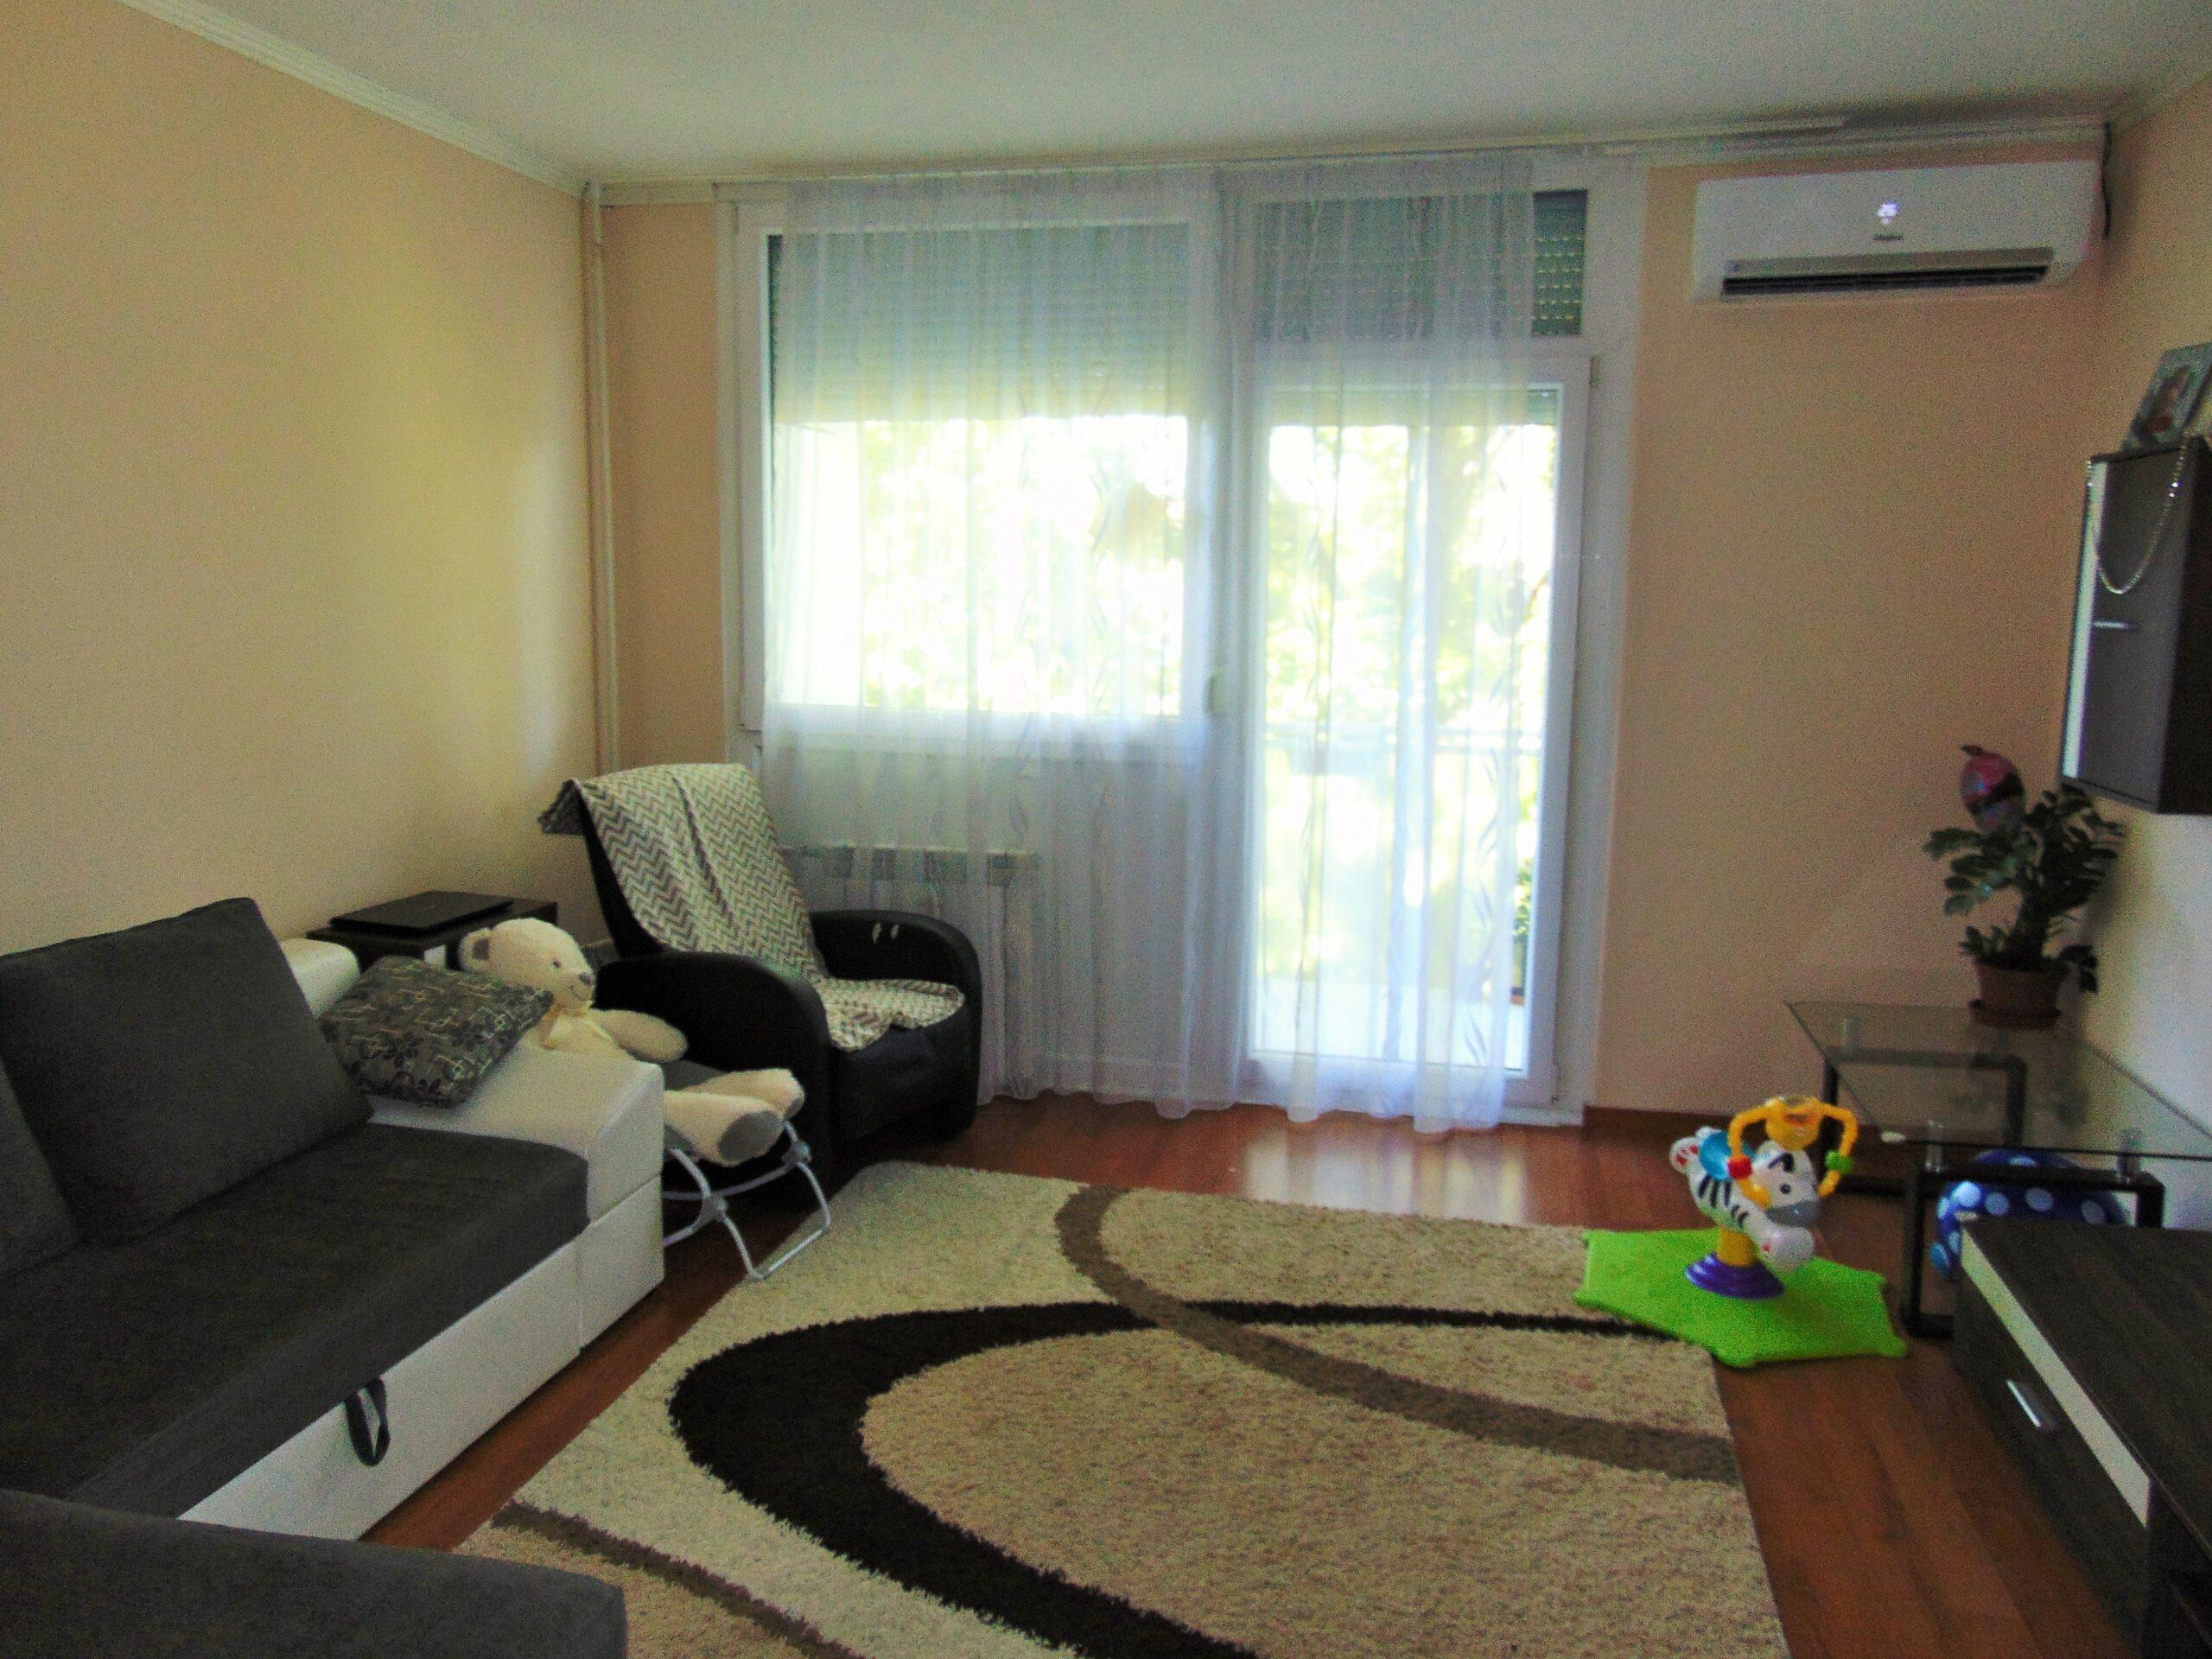 Eladó 1+2 fél szobás erkélyes lakás a Széchenyivárosban!